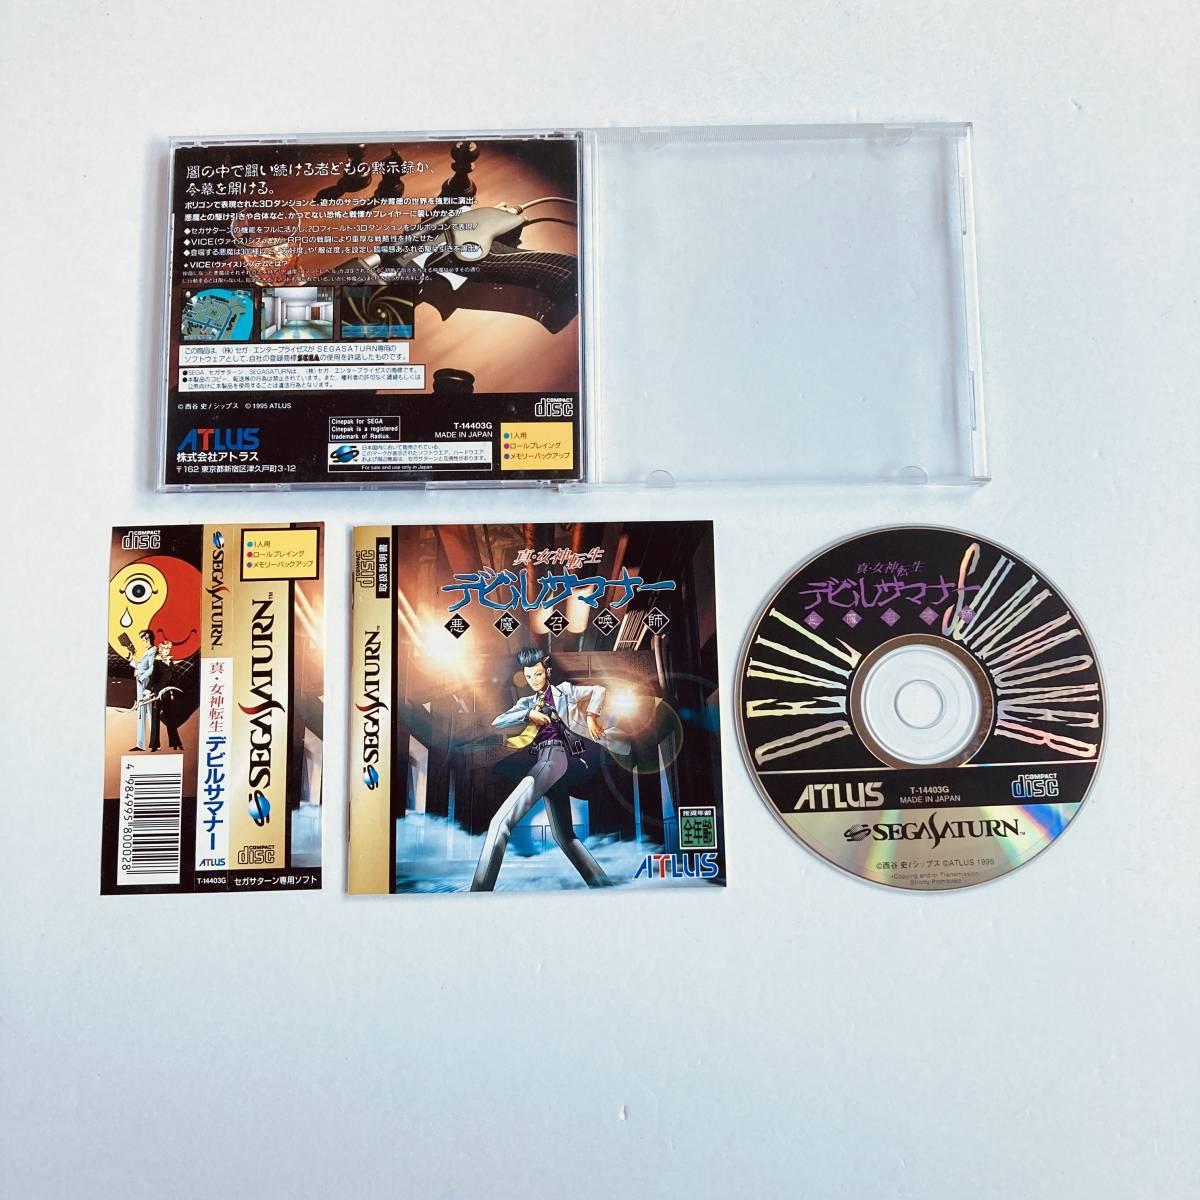 セガサターン 真 女神転生デビルサマナー セット / Lot 2 Devil Summoner Soul Hackers Sega Saturn SS Shin Megami Tensei Card Japan